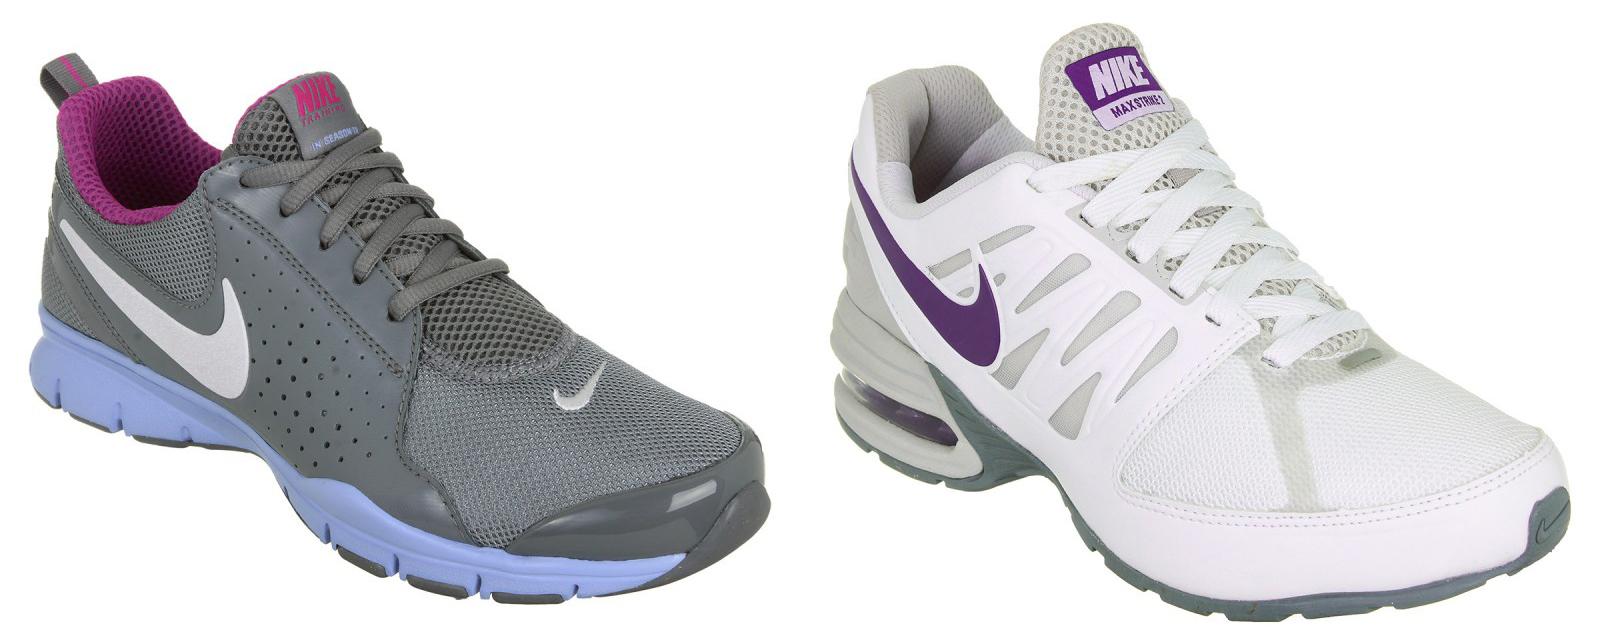 a7a21b4bee5 Tênis Nike feminino - World Tennis - Tênis